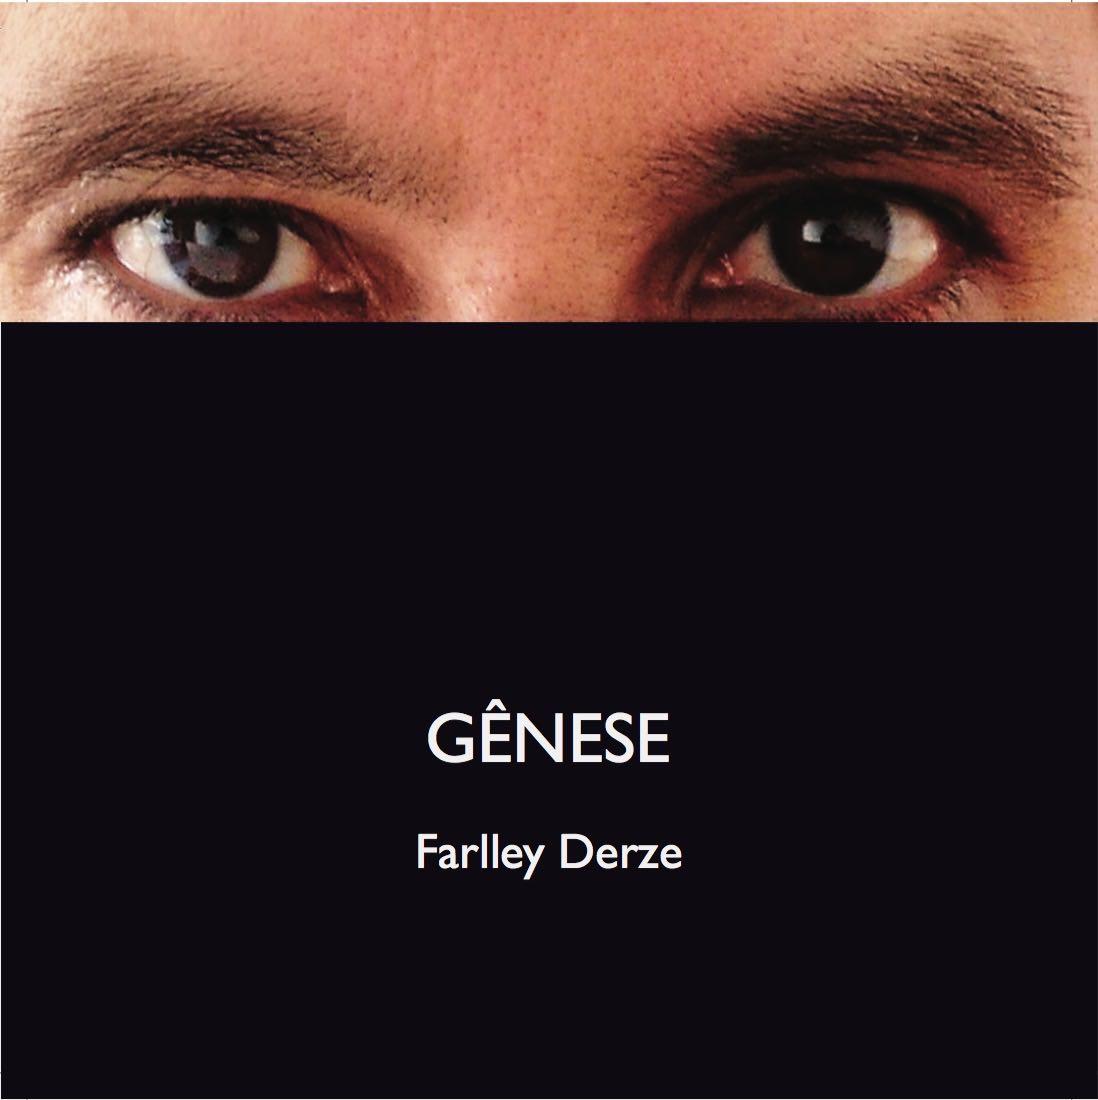 Gênese